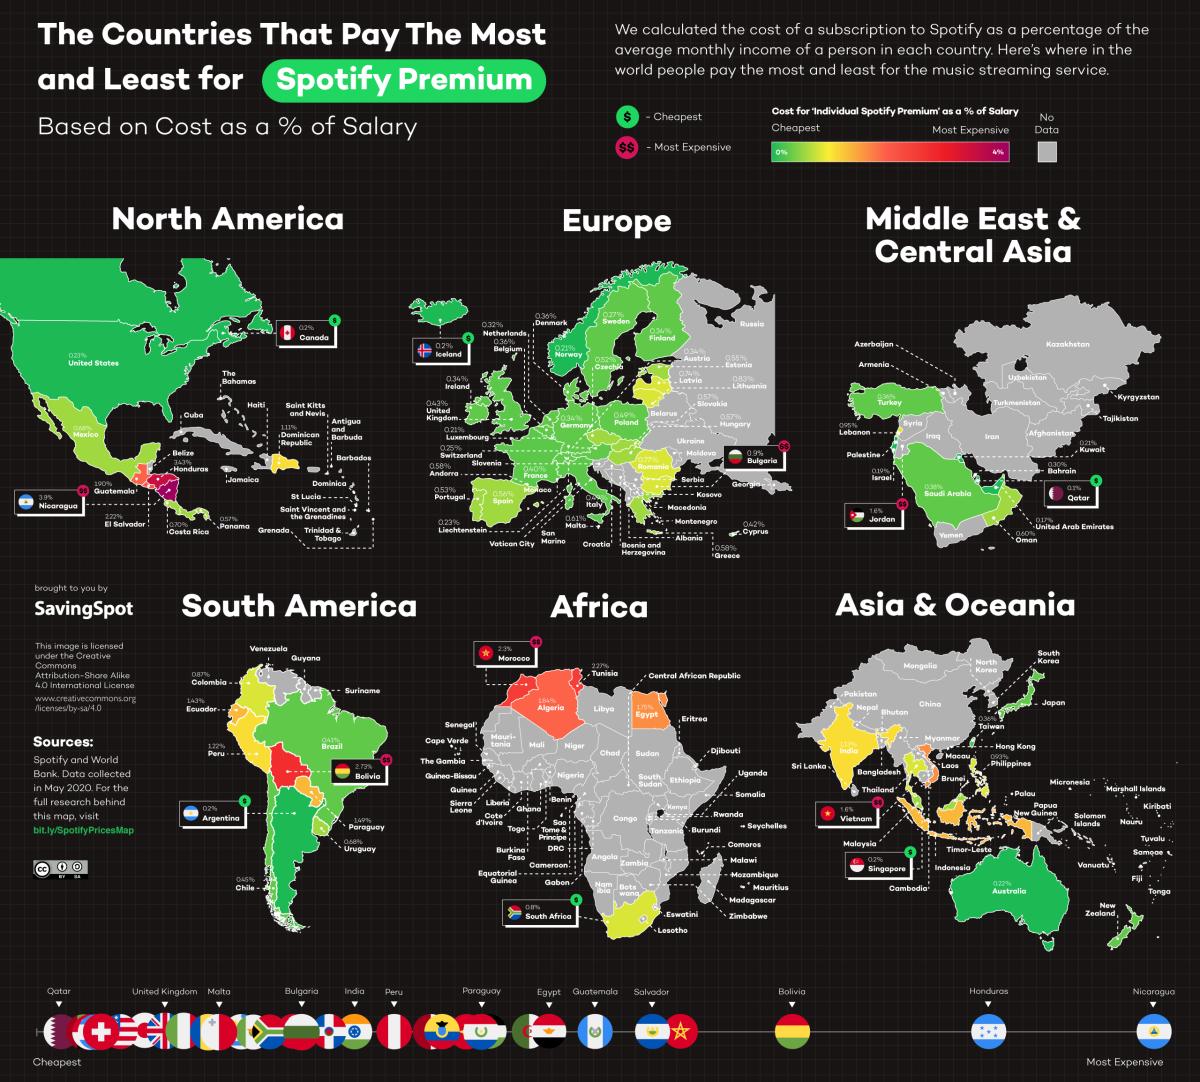 Spotify Premium prix dans les pays du monde